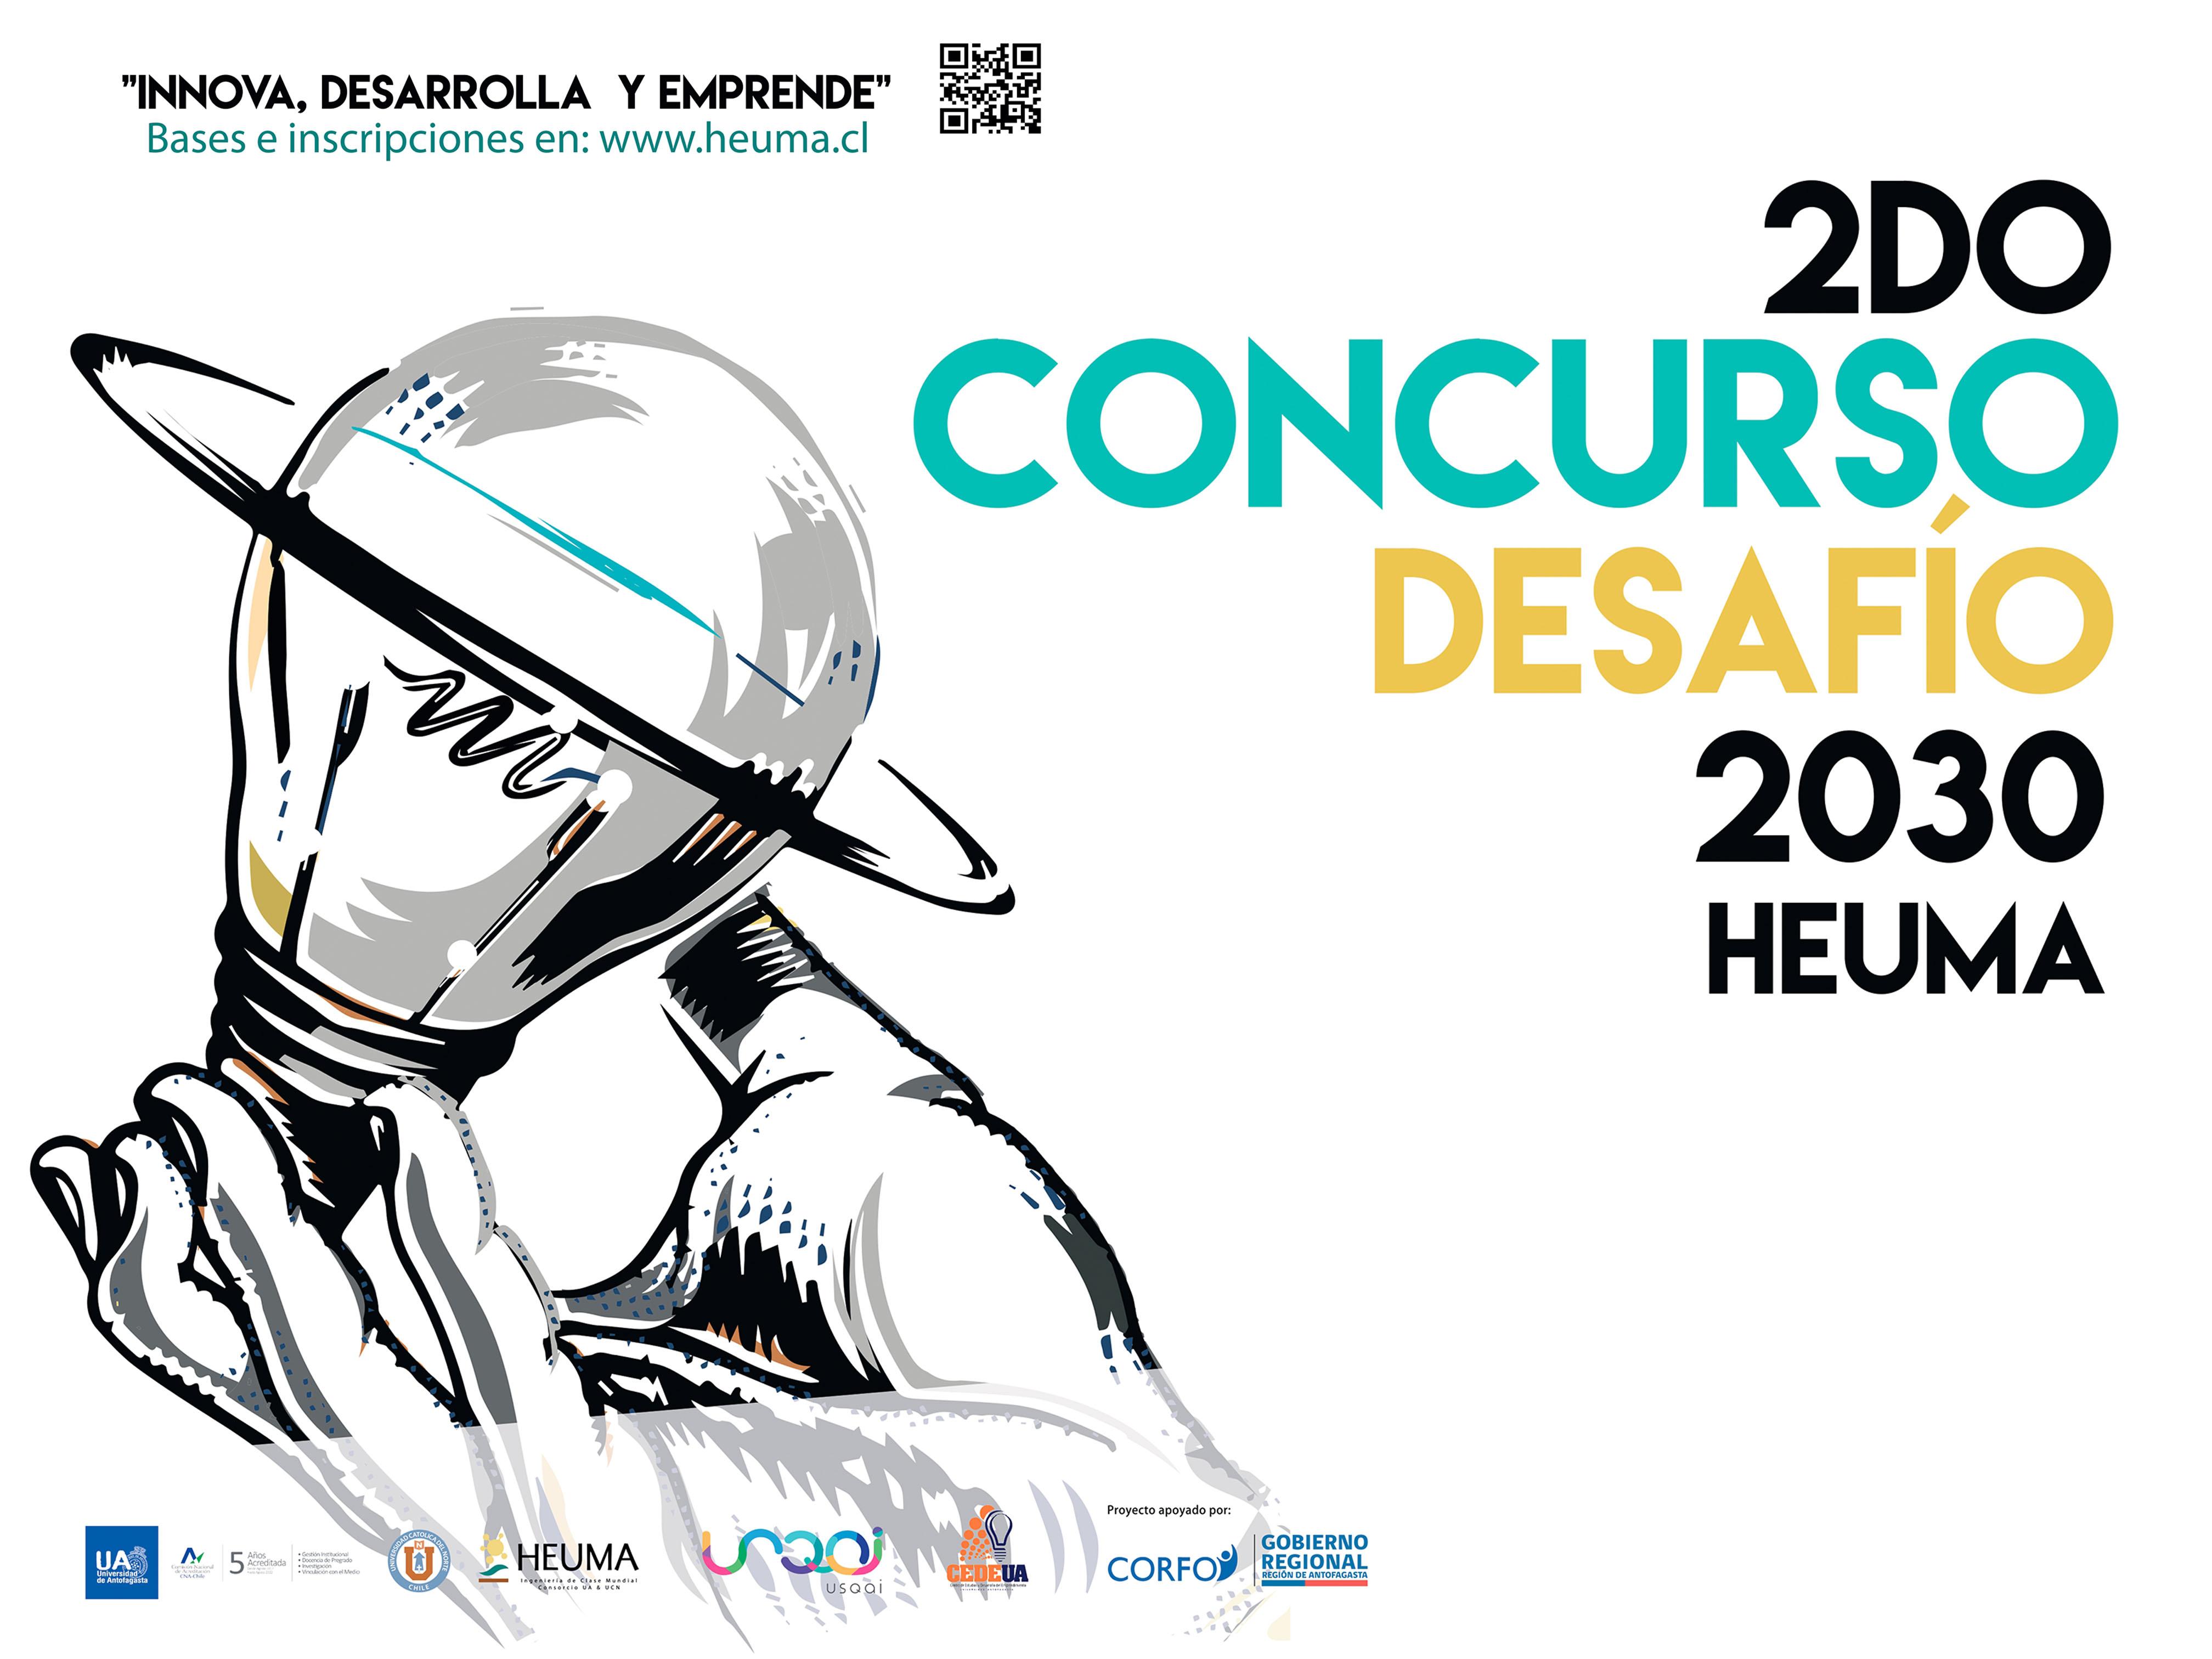 Participa en el 2do Concurso Desafío 2030 HEUMA